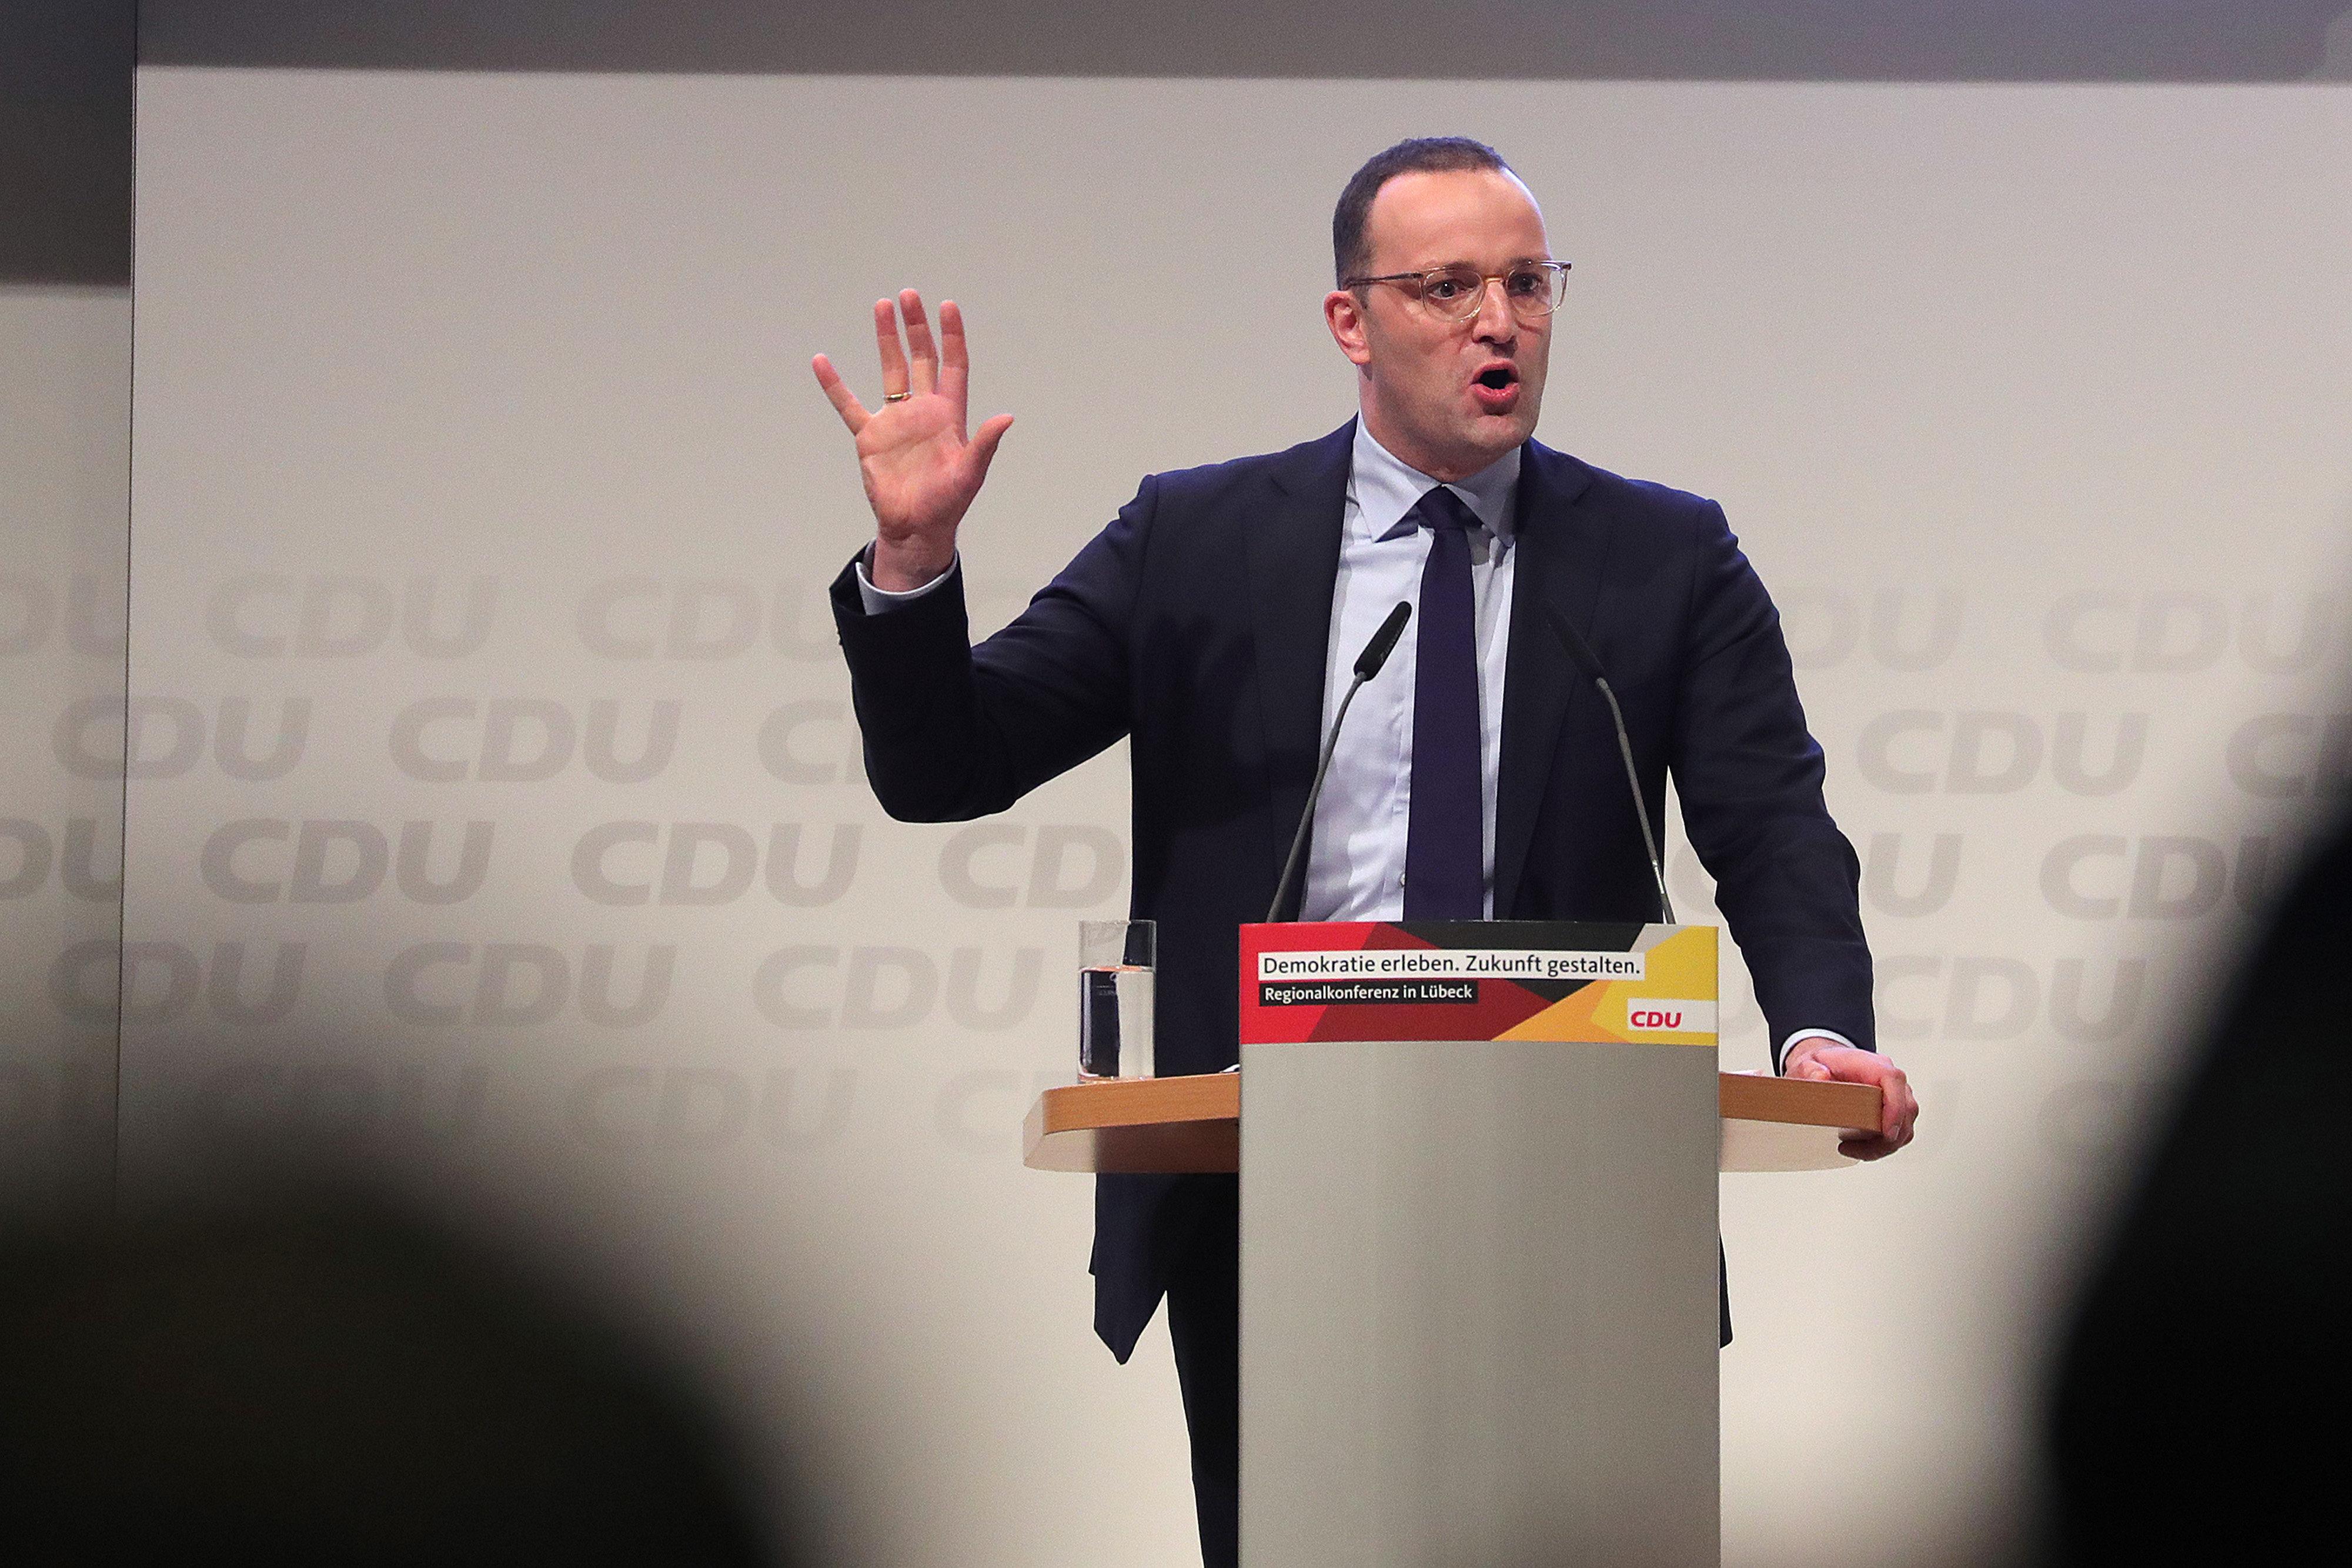 Gesundheitsminister Jens Spahn will CDU-Vorsitzender werden.